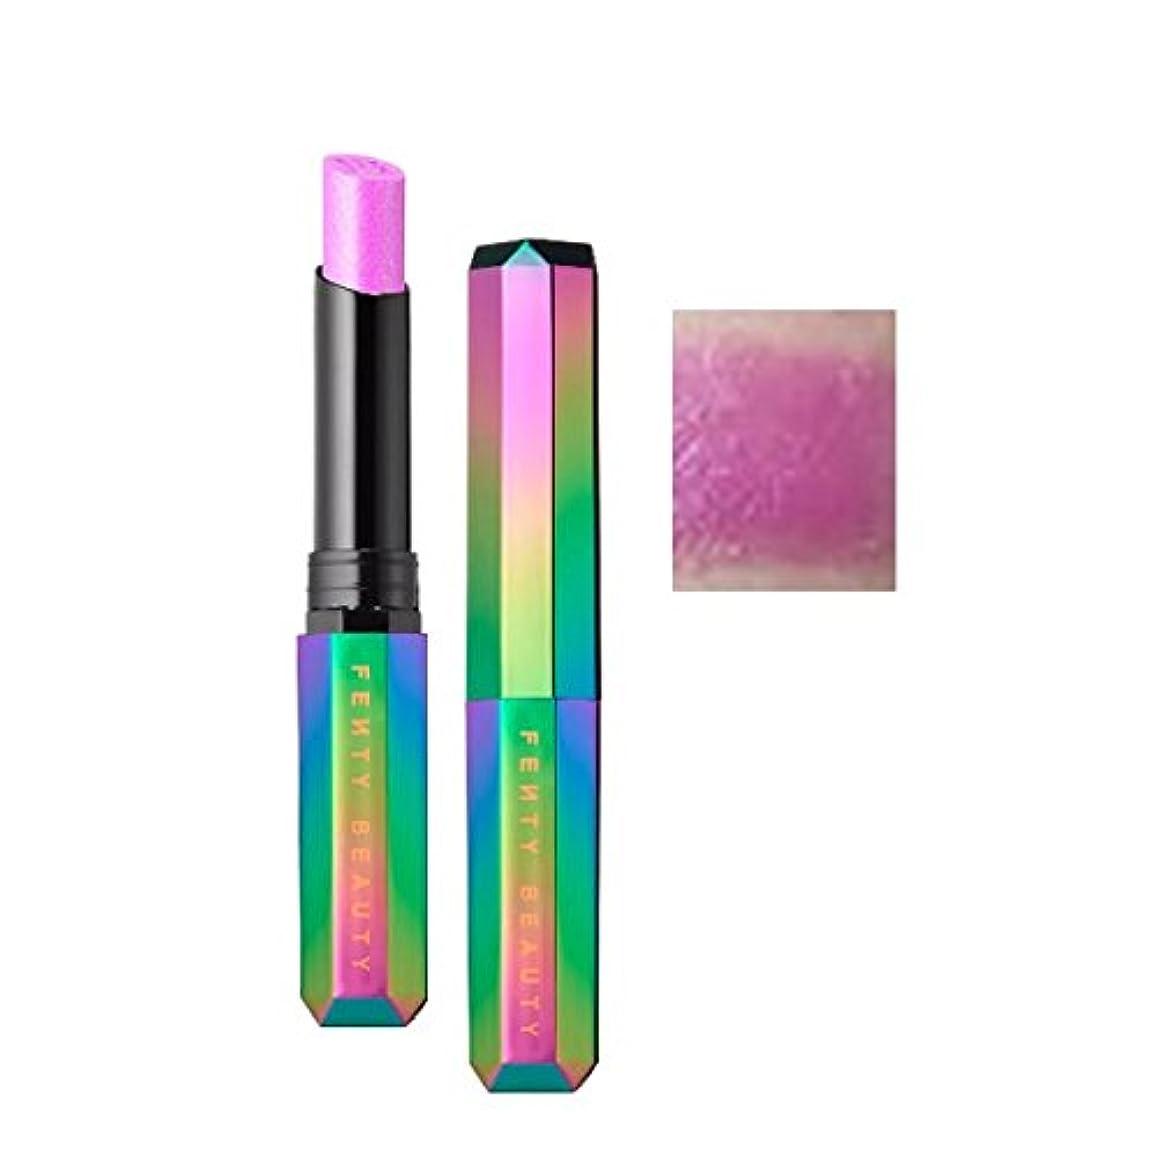 ヘッジ長くする独特のFENTY BEAUTY BY RIHANNA Limited Edition限定版Starlit Hyper-Glitz Lipstick - $upanova [海外直送品] [並行輸入品]